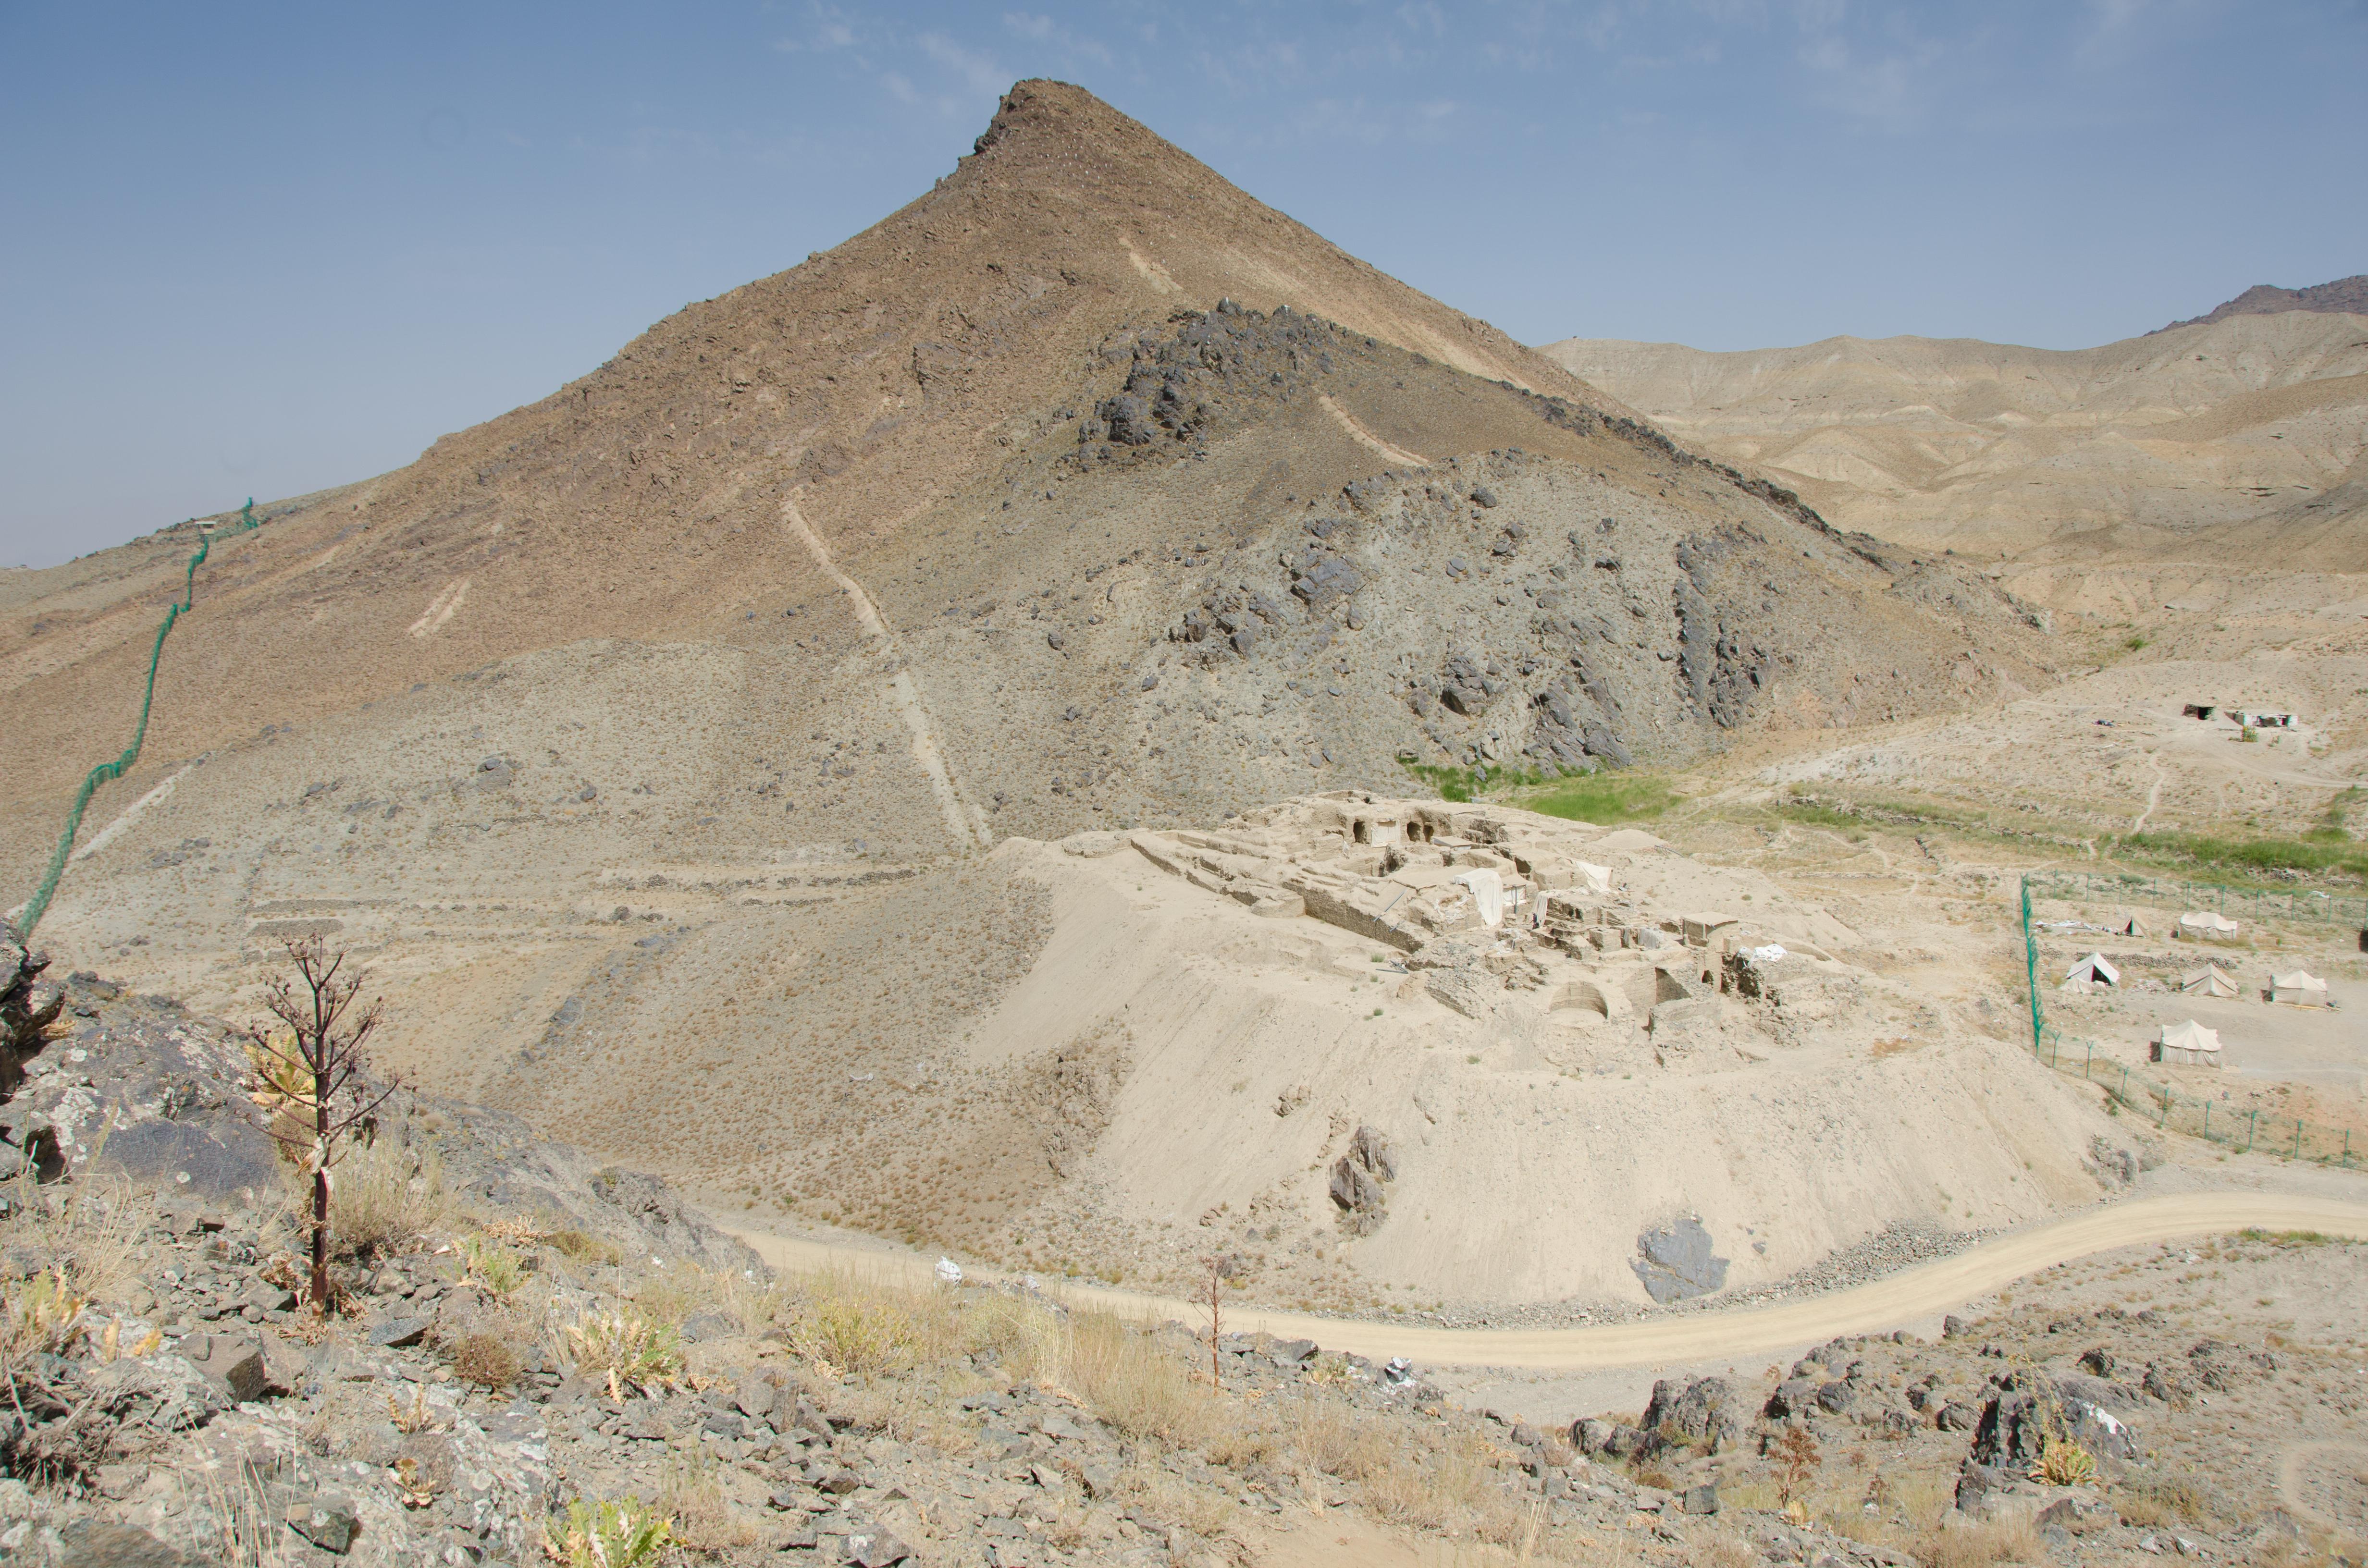 [Pilt: Mes_Aynak_north_overview.JPG]